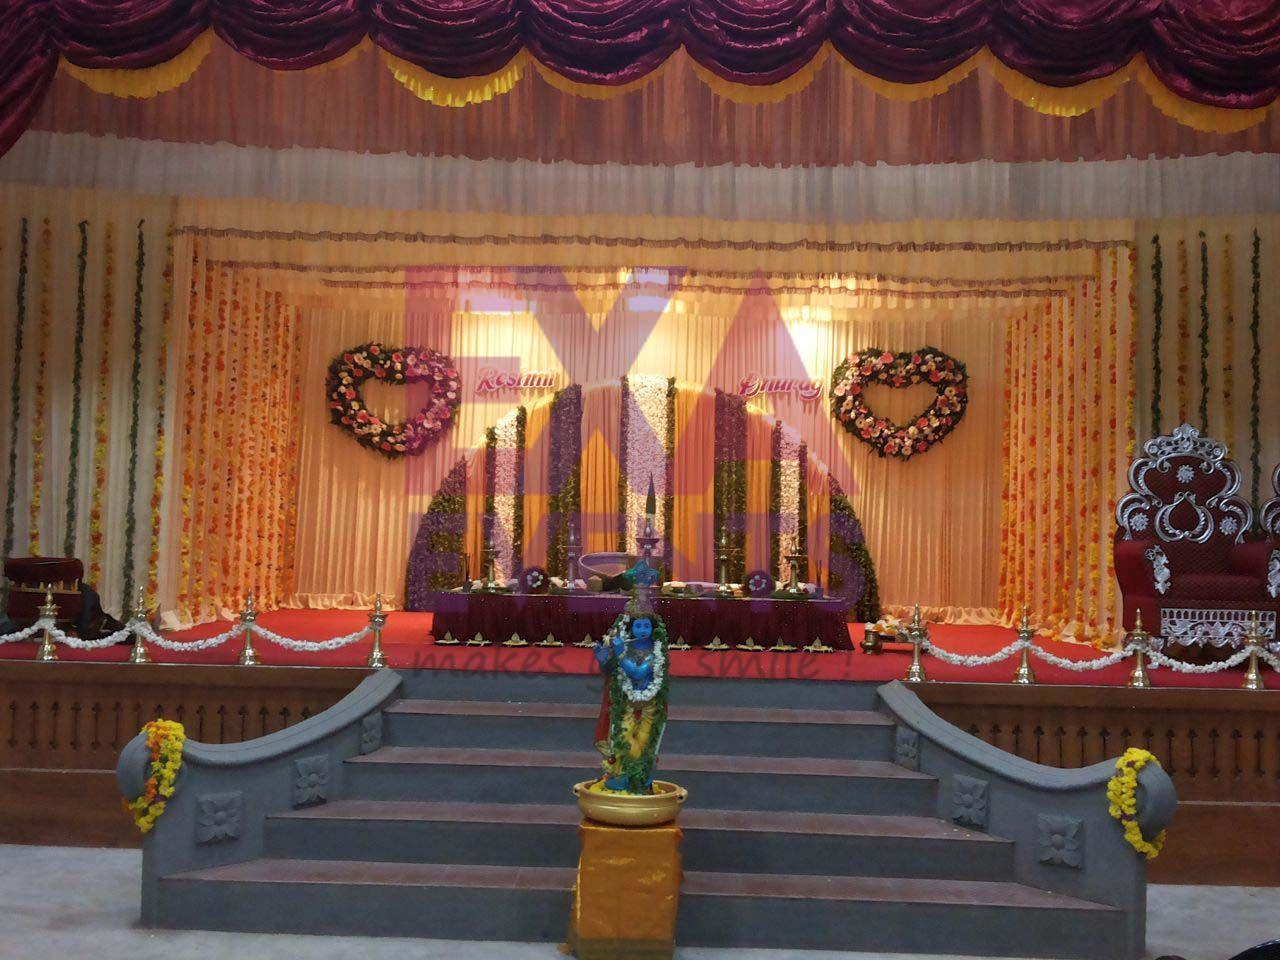 Wedding flower decoration service in kottayam kerala wedding stage best wedding planner in kottayam event management ettumanoorkottayam event management agency and wedding planner in kottayam junglespirit Gallery